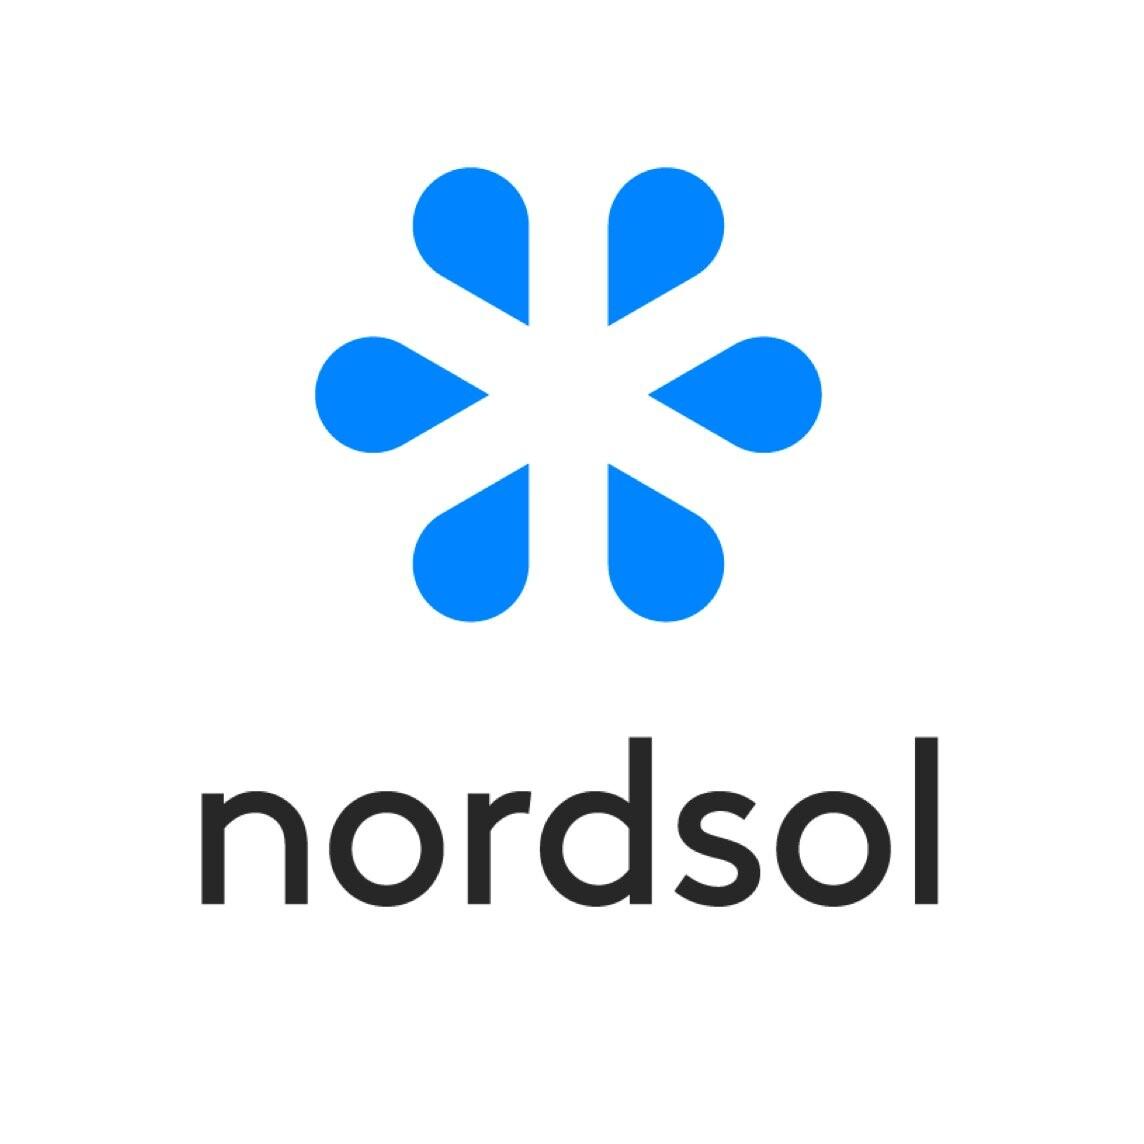 Nordsol